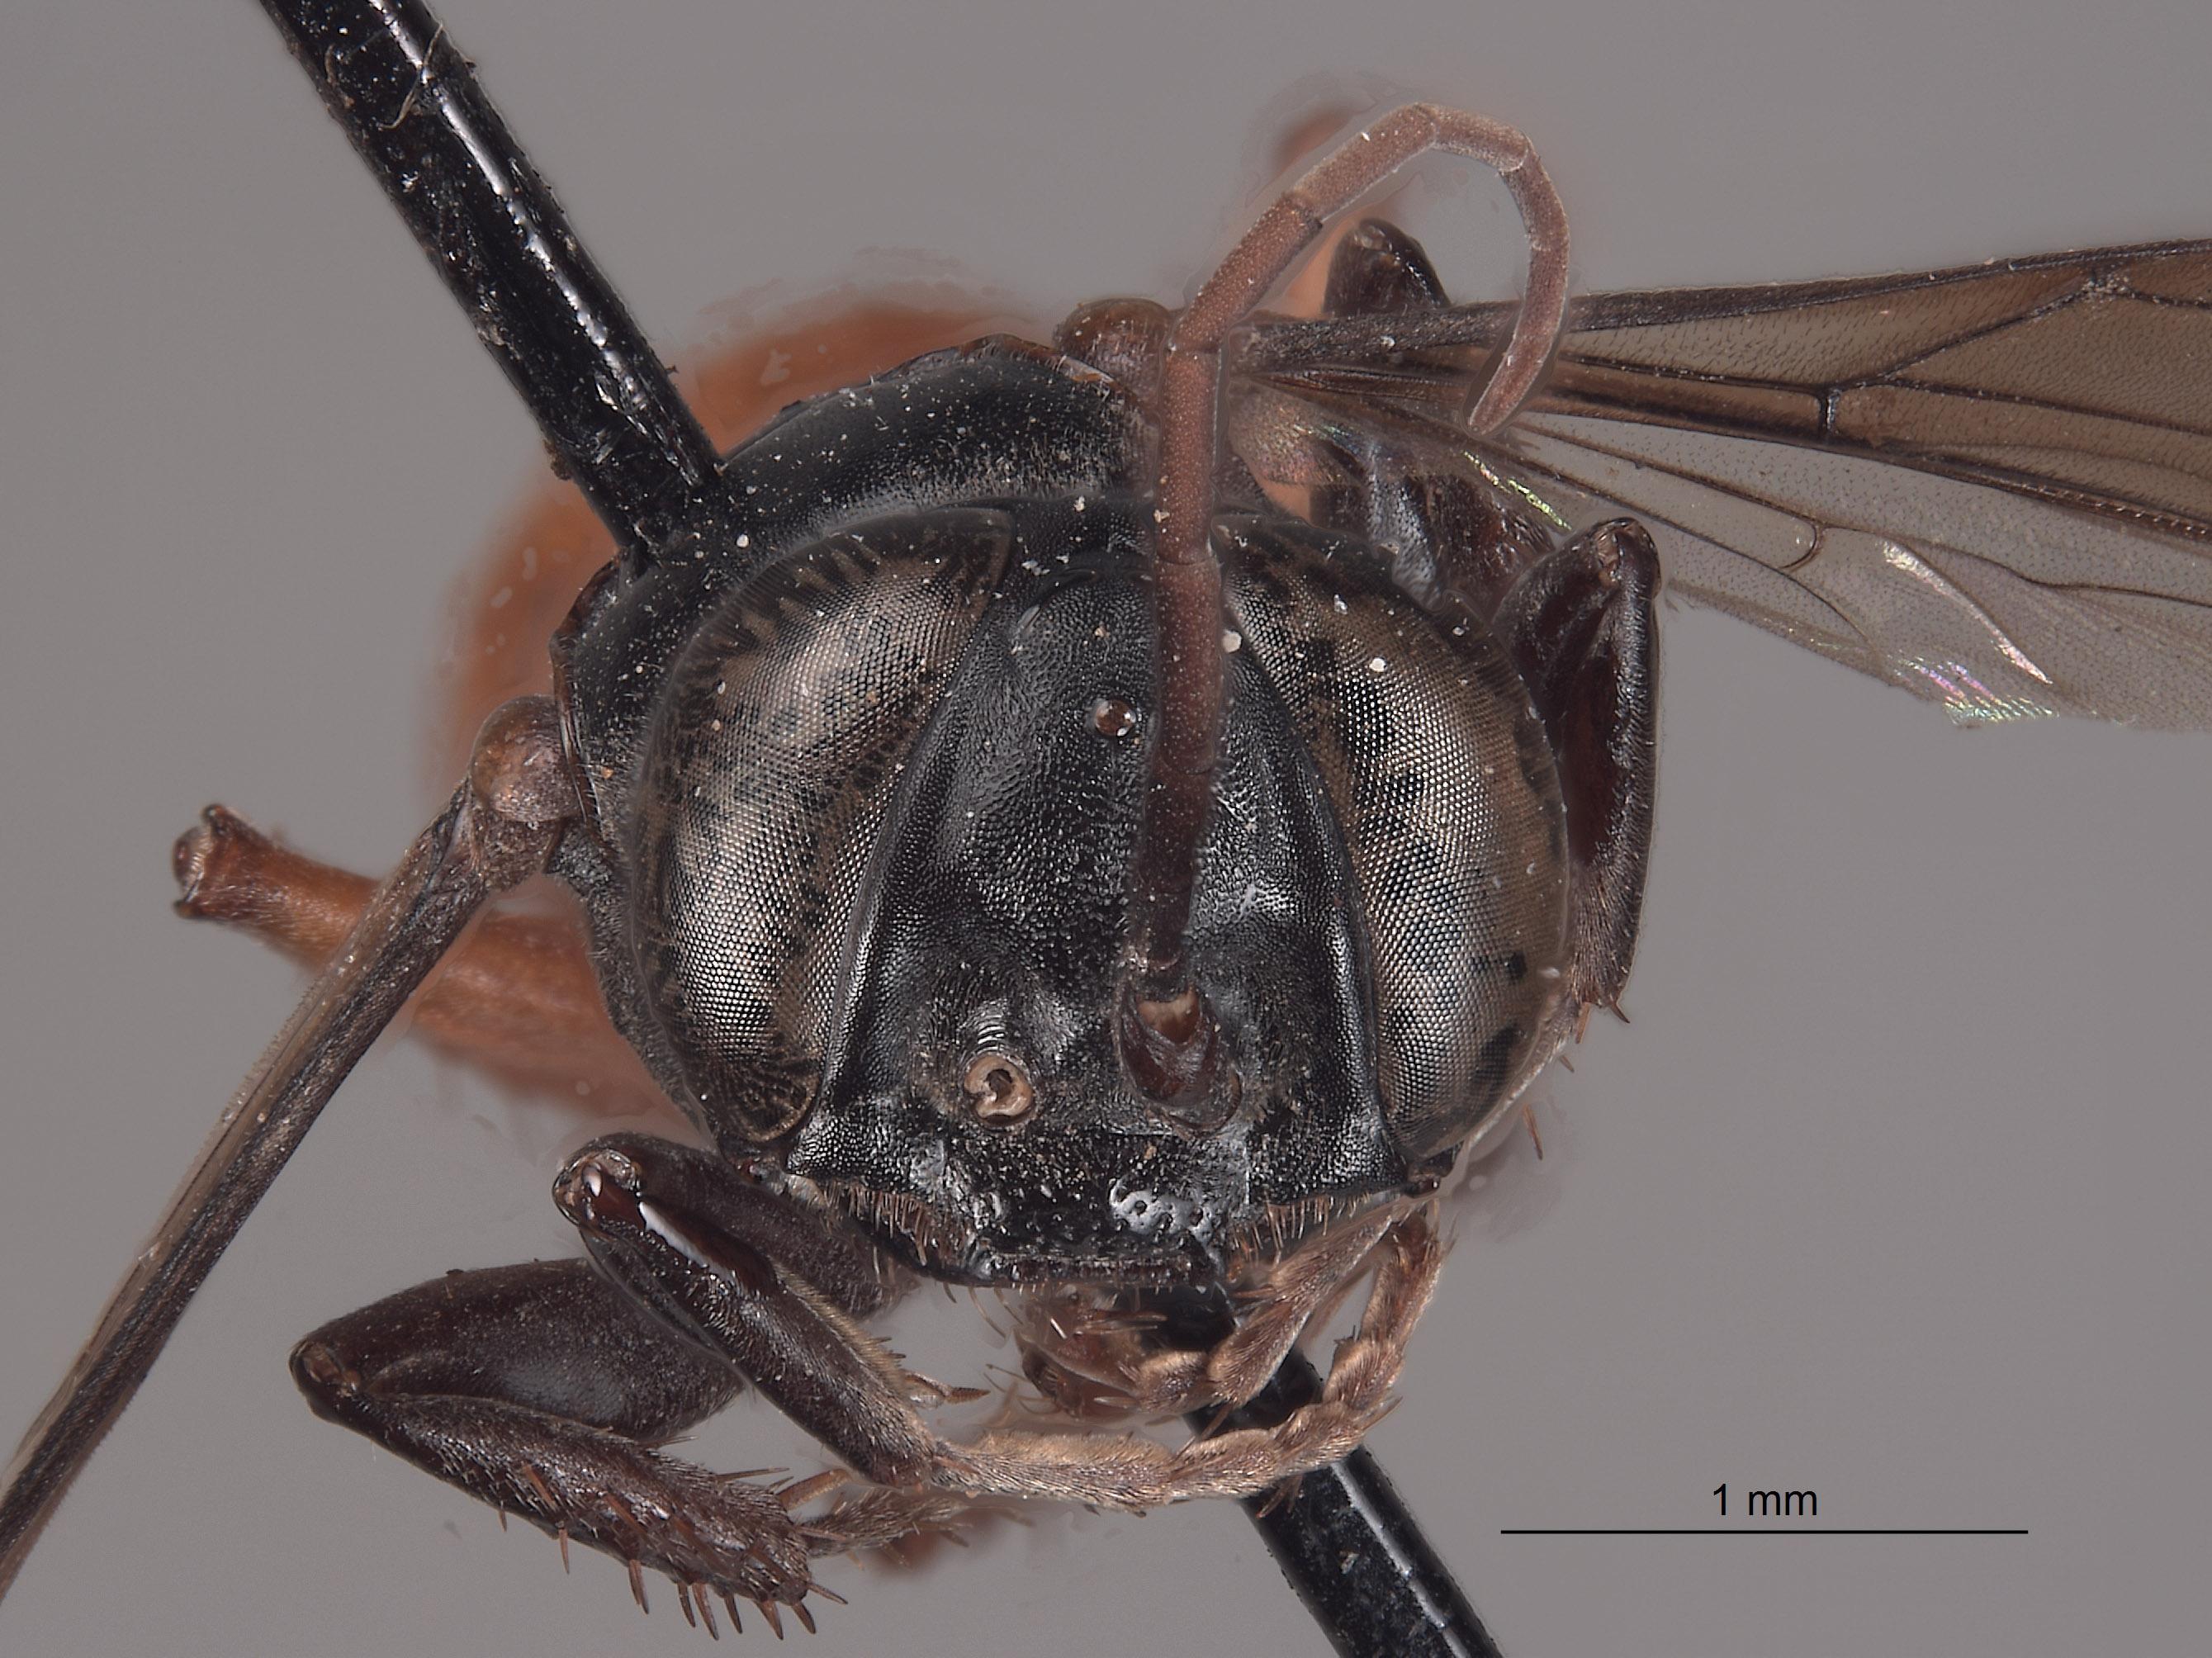 Larropsis bradleyi image